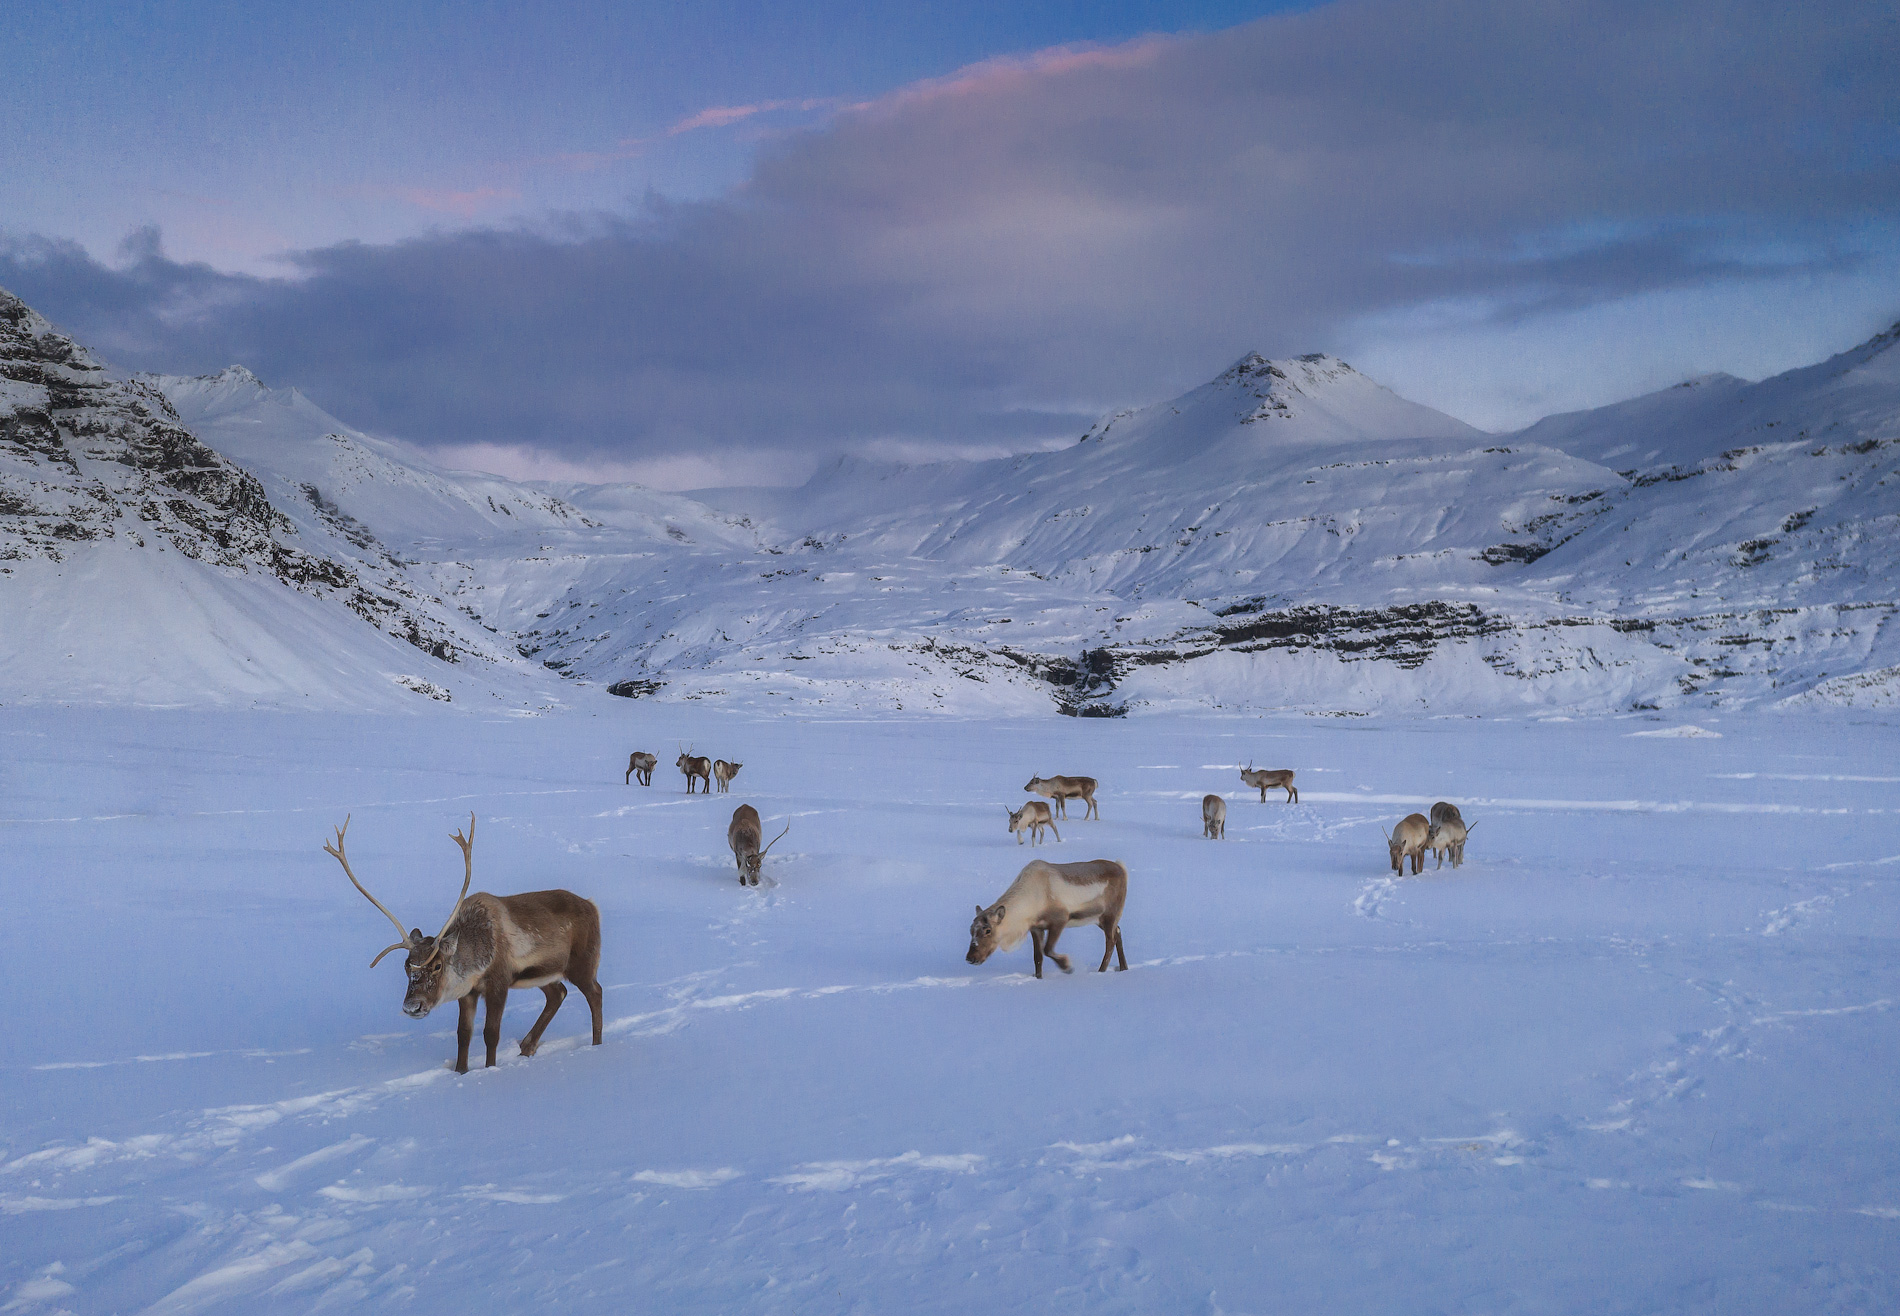 如果幸运的话,您可能会在东部峡湾发现一些野生驯鹿。